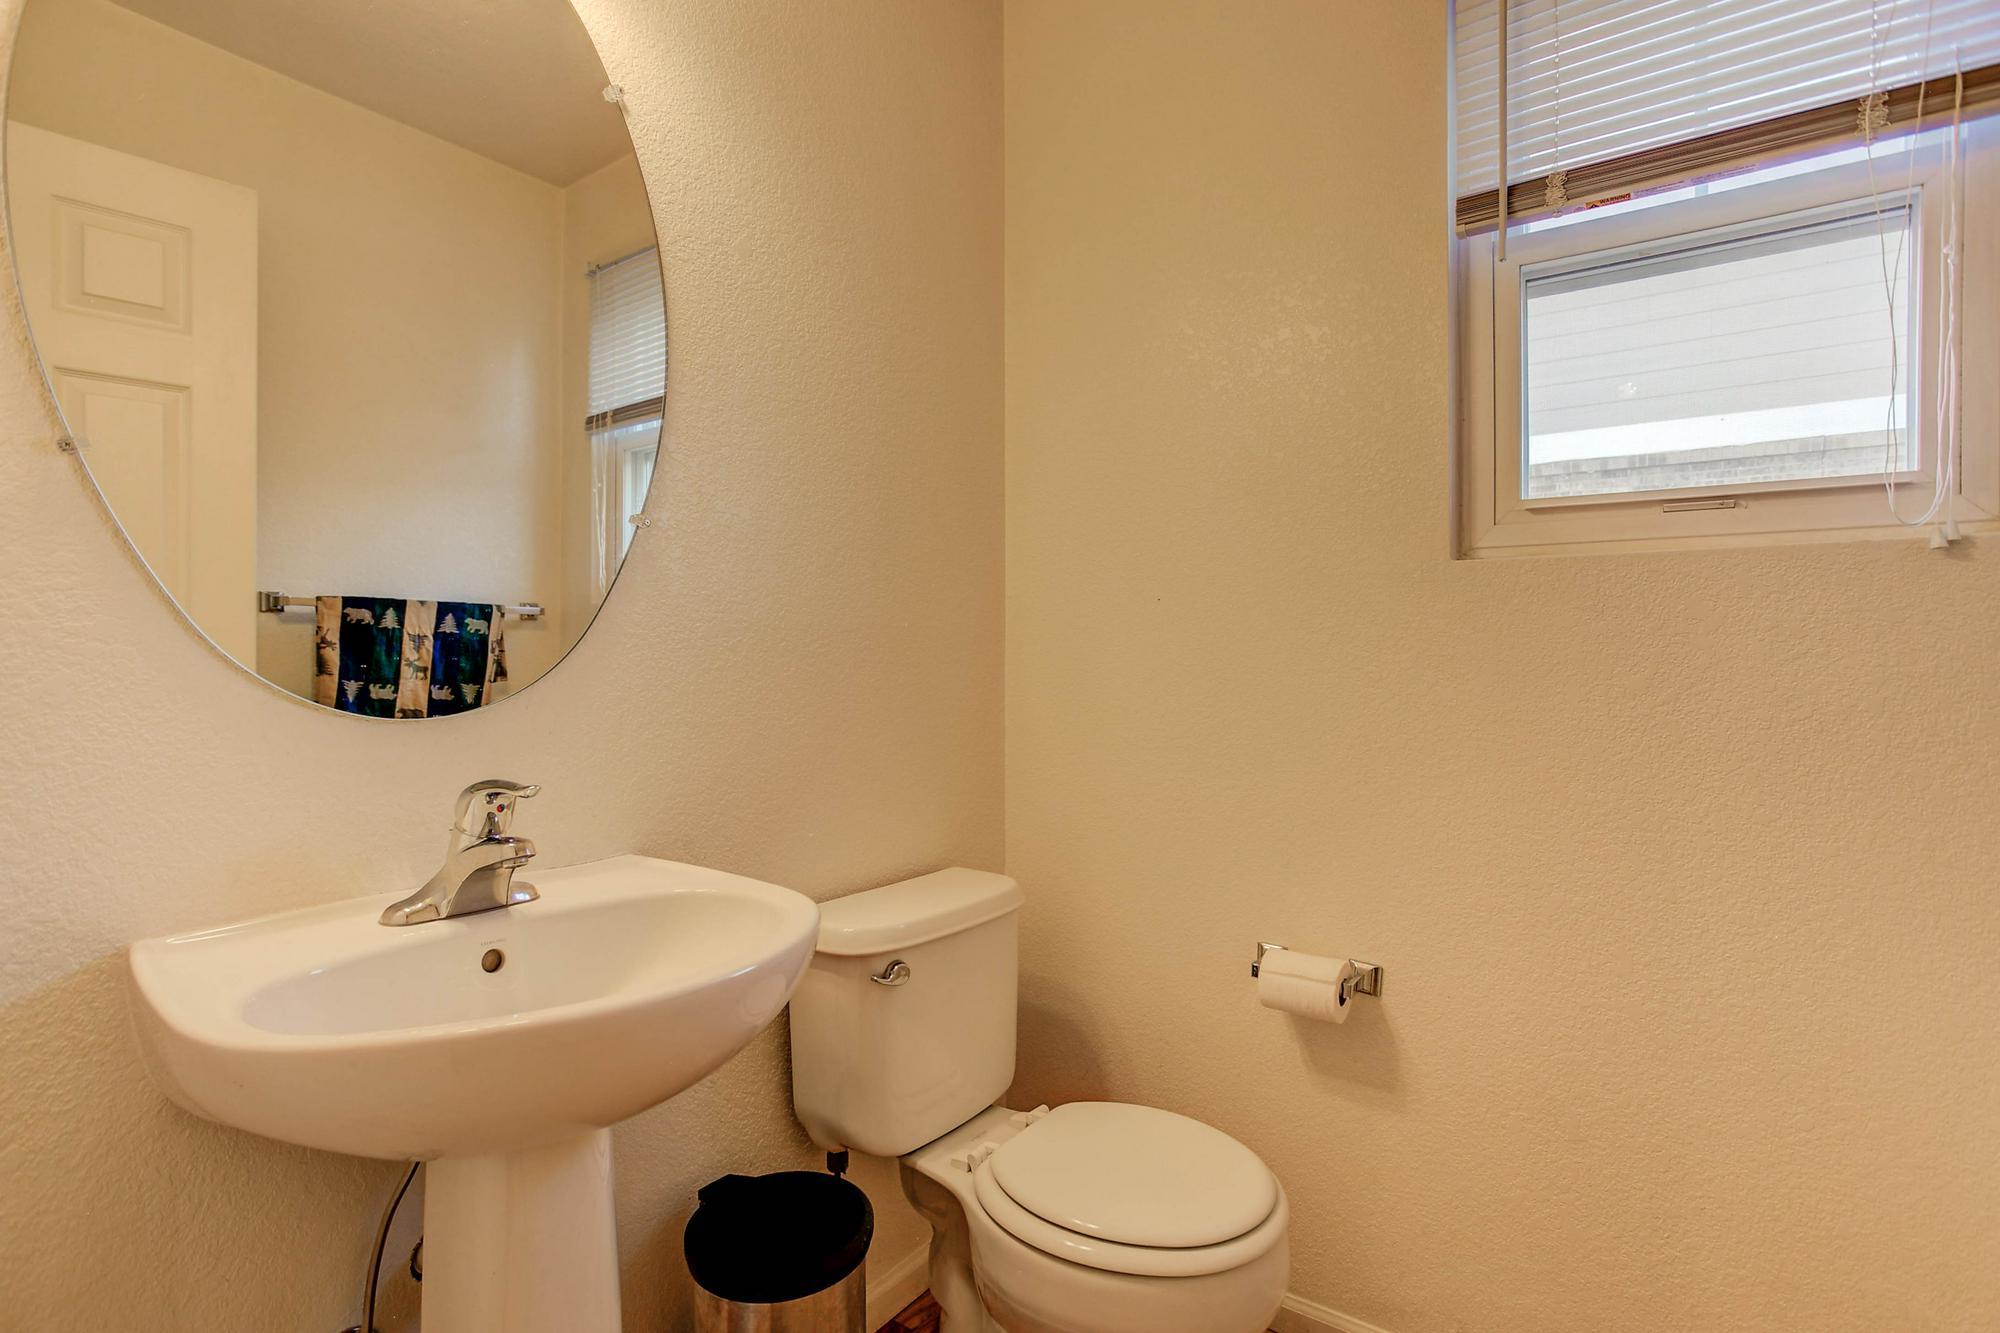 Listassistimage-298791-web_ready-20344%2beast%2bvassar%2bavenue_bathroom2-2000x2000